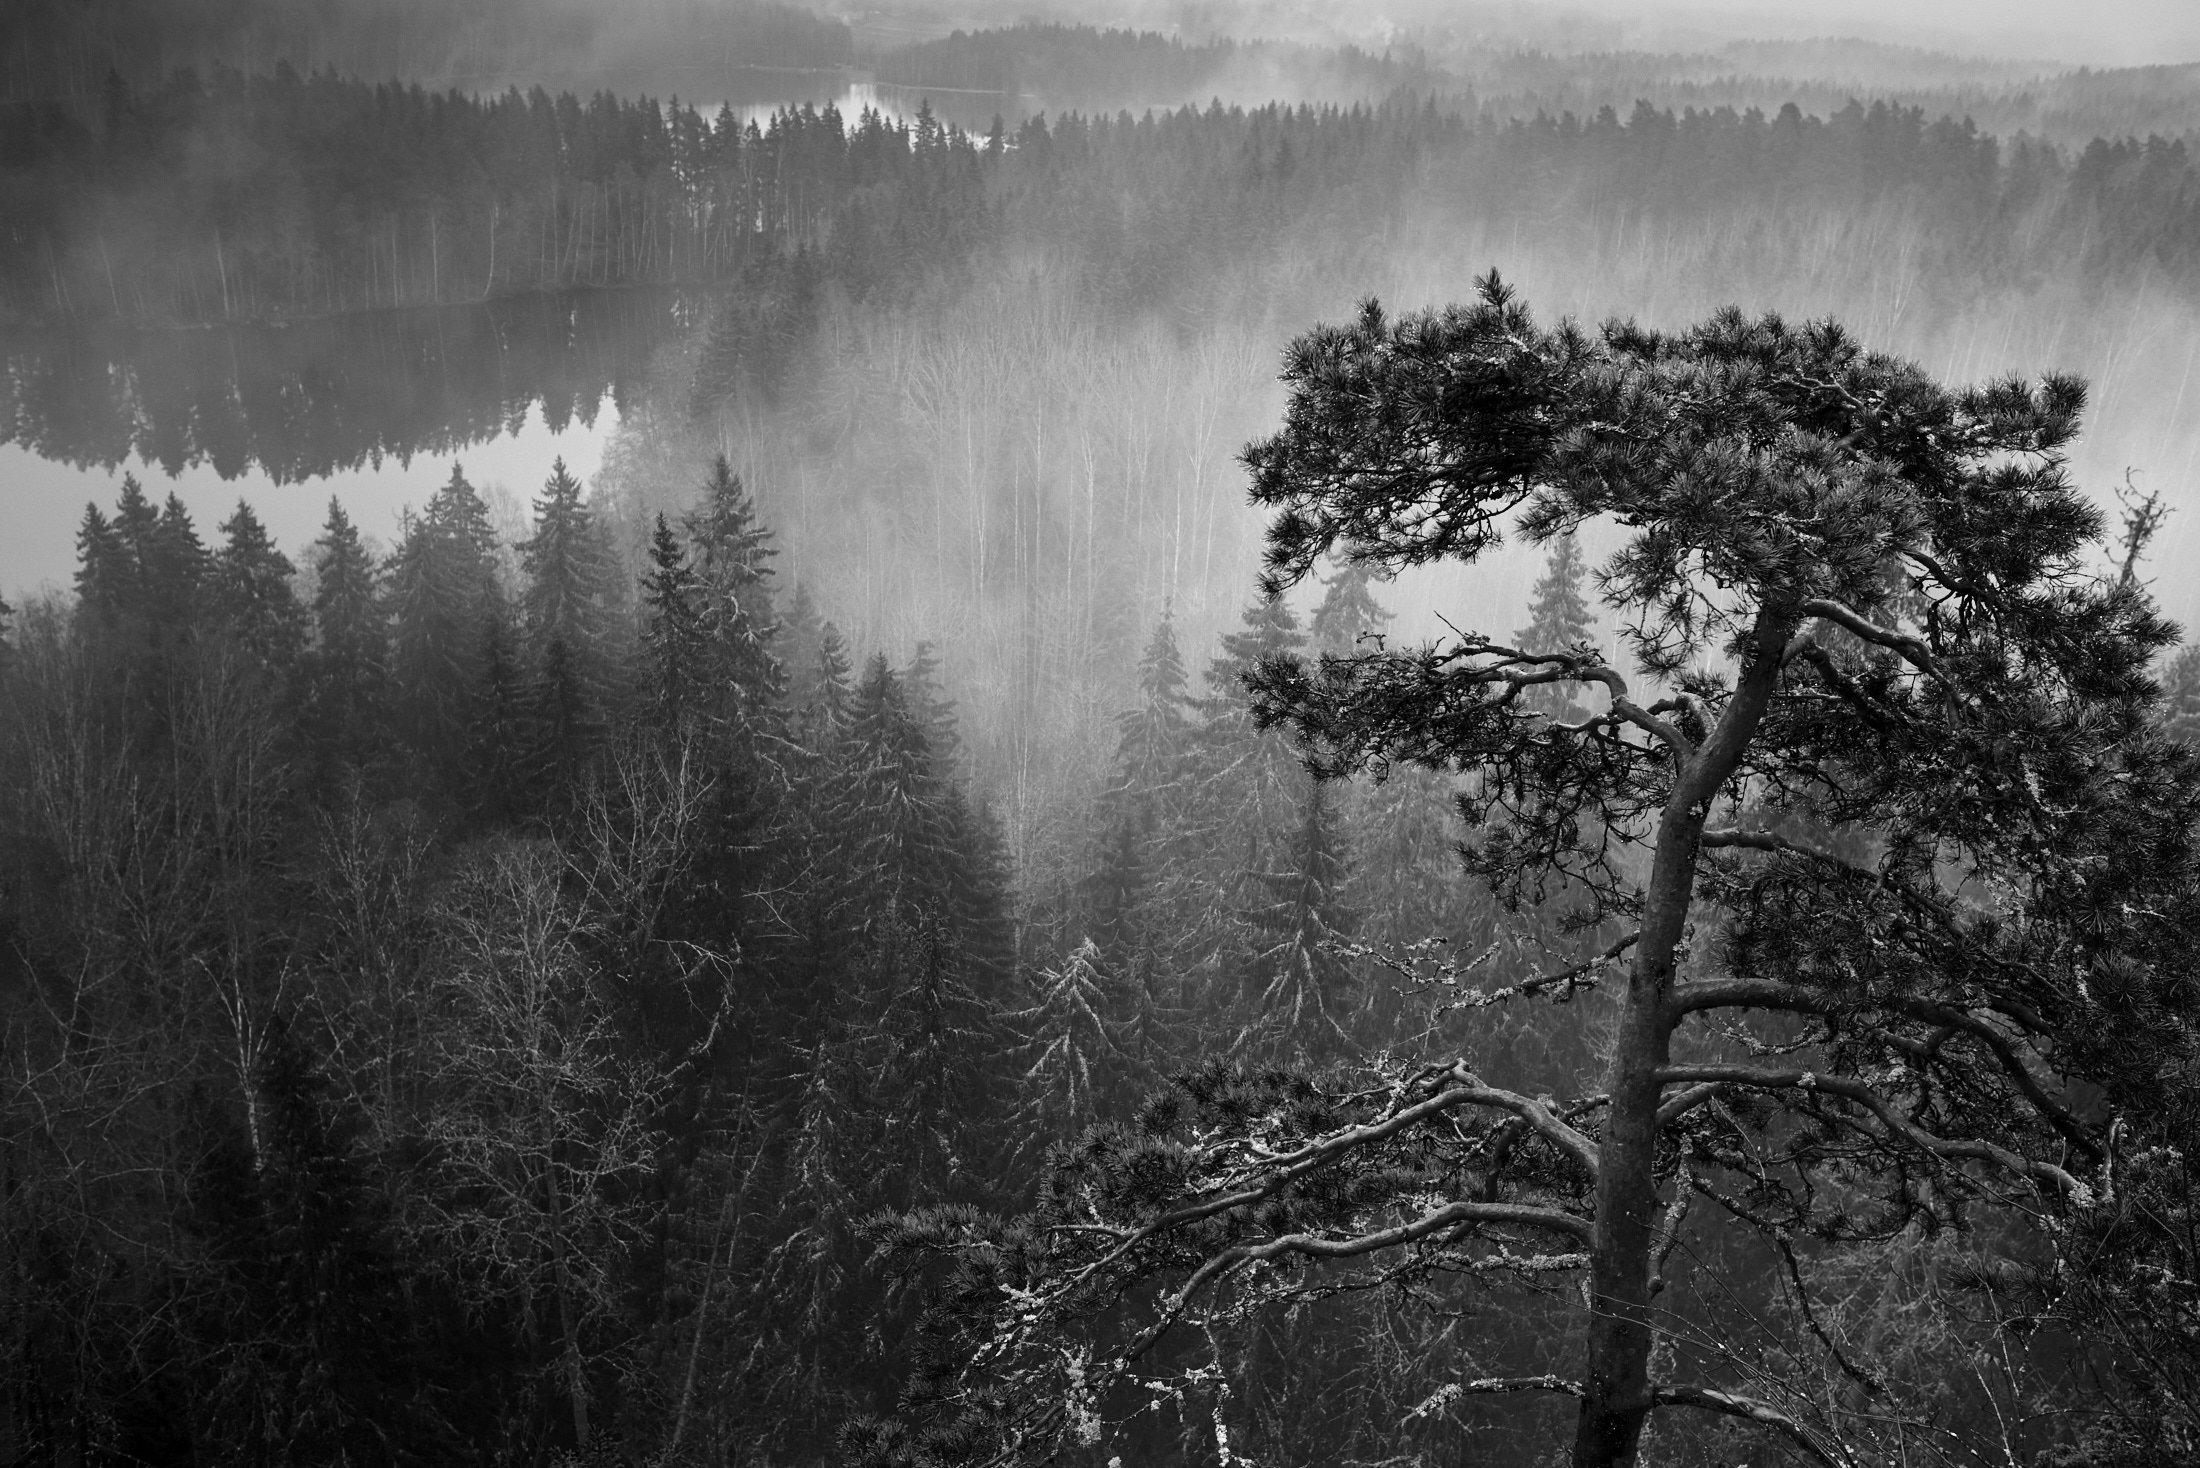 Fog - Aulanko